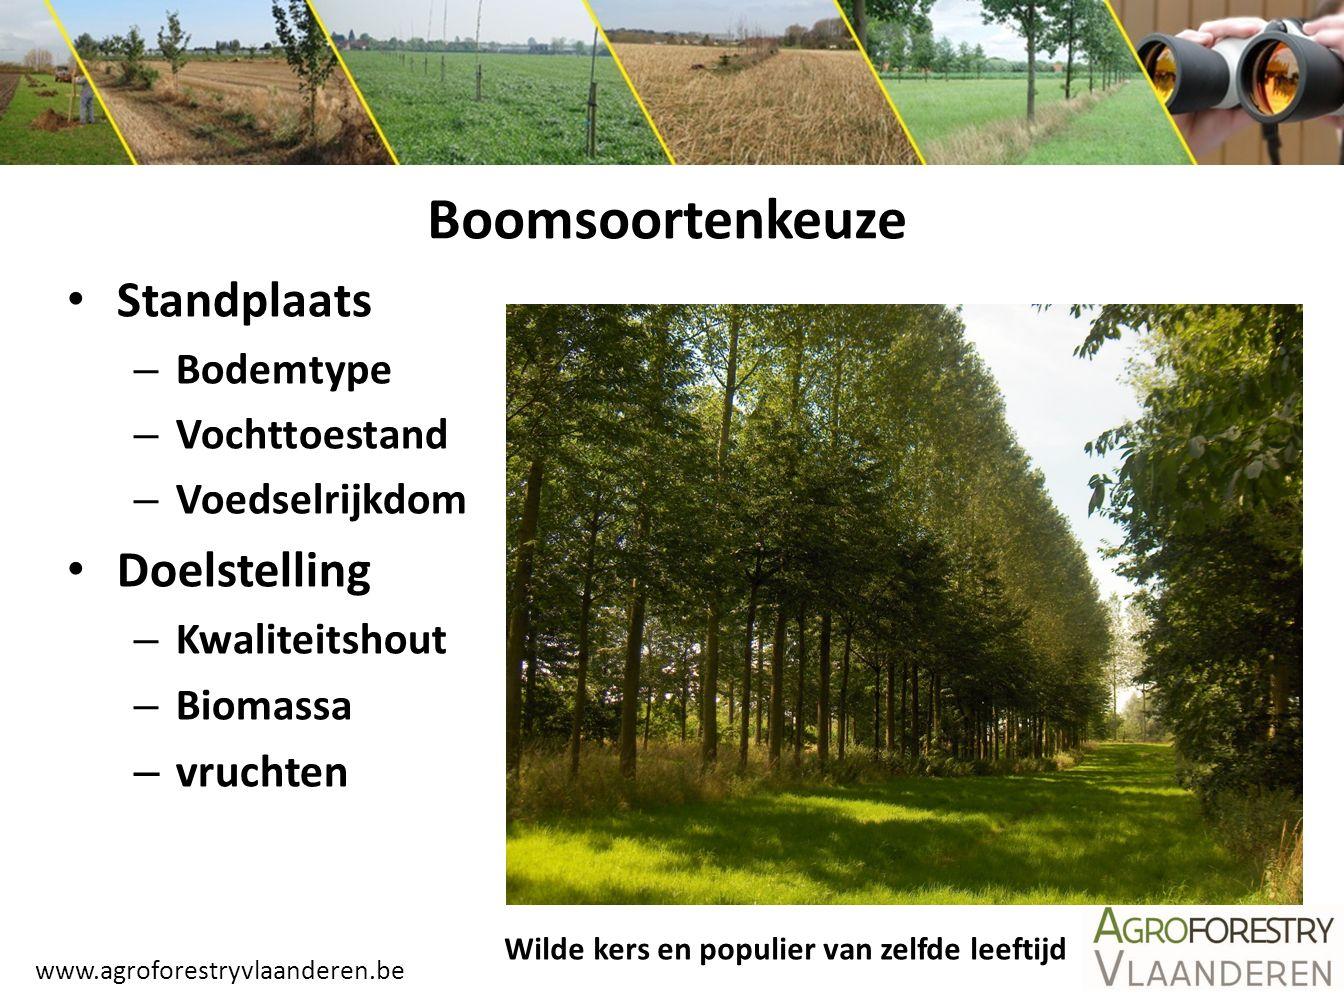 www.agroforestryvlaanderen.be Boomsoortenkeuze Standplaats – Bodemtype – Vochttoestand – Voedselrijkdom Doelstelling – Kwaliteitshout – Biomassa – vru